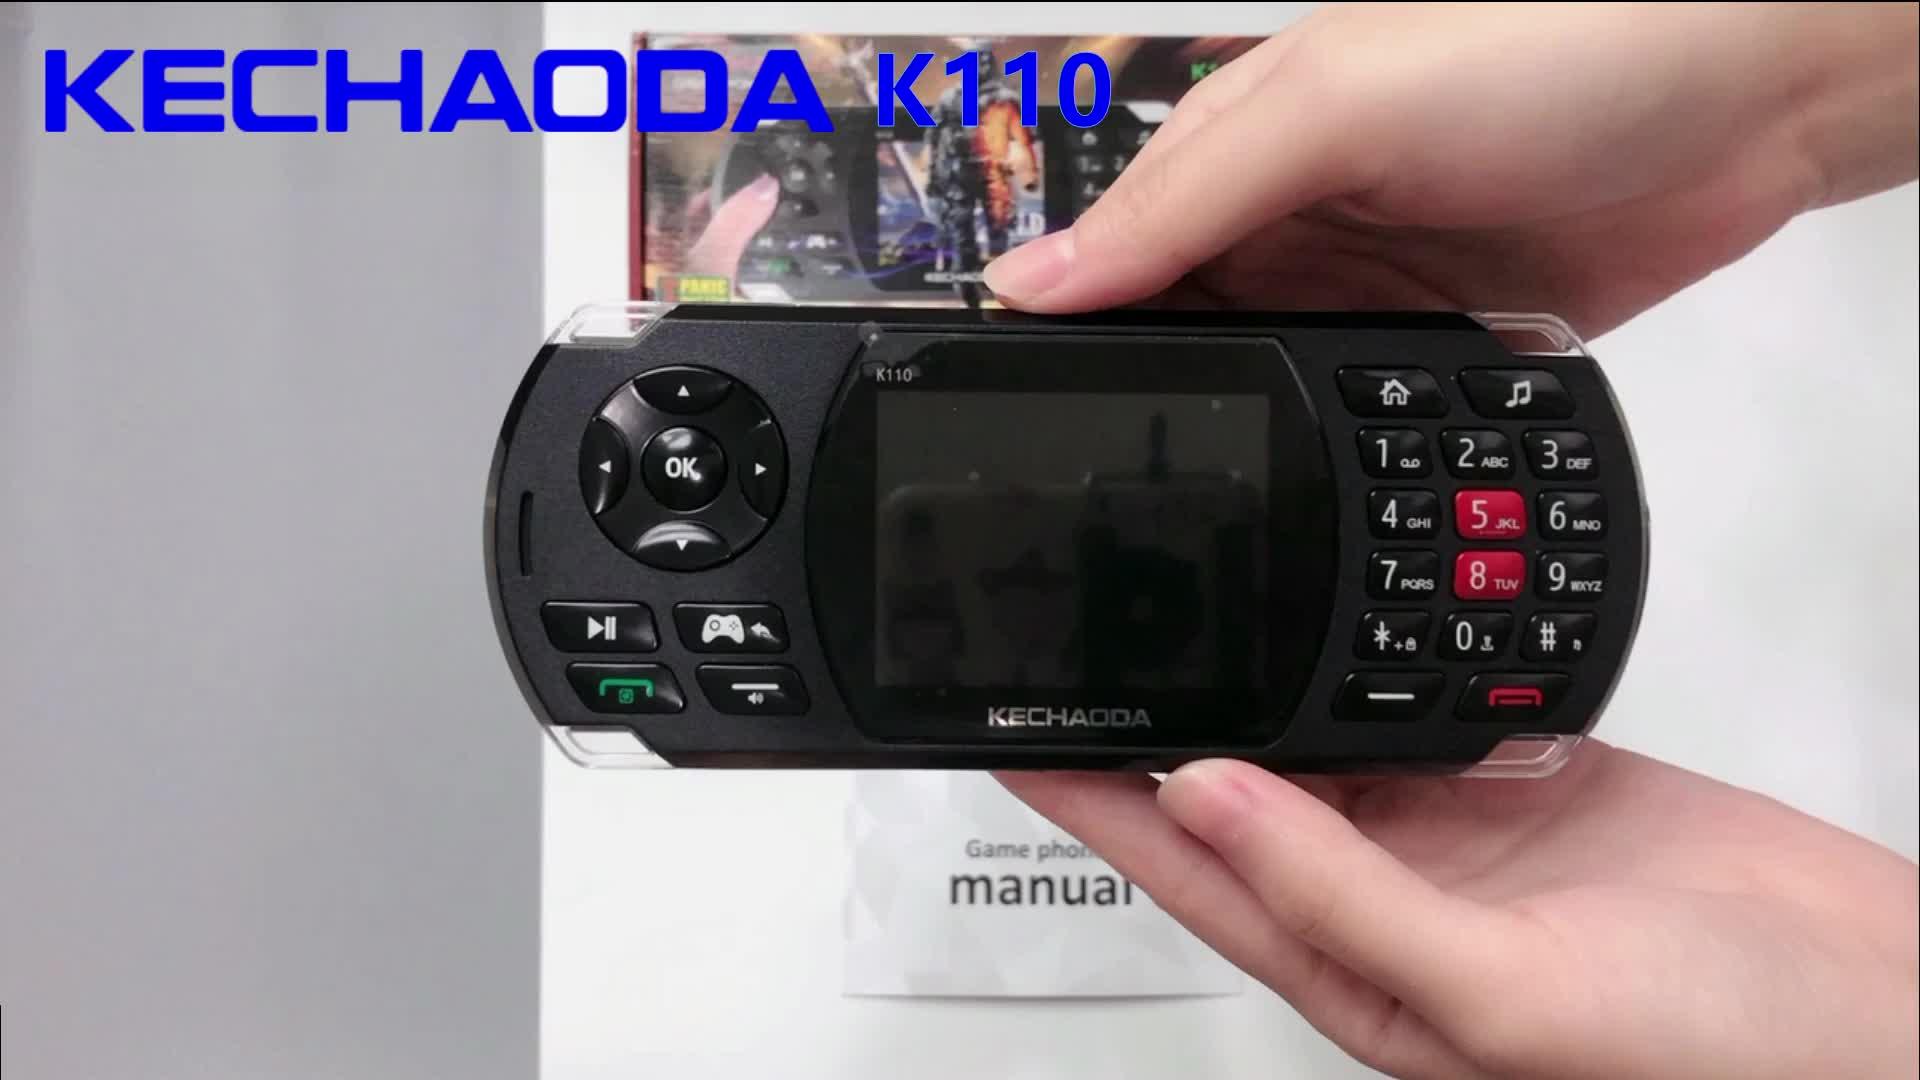 KECHAODA K110 Jogo 2.8 inch Telefone 2600mAh Grande bateria Tocha Dual SIM Do Telefone Móvel